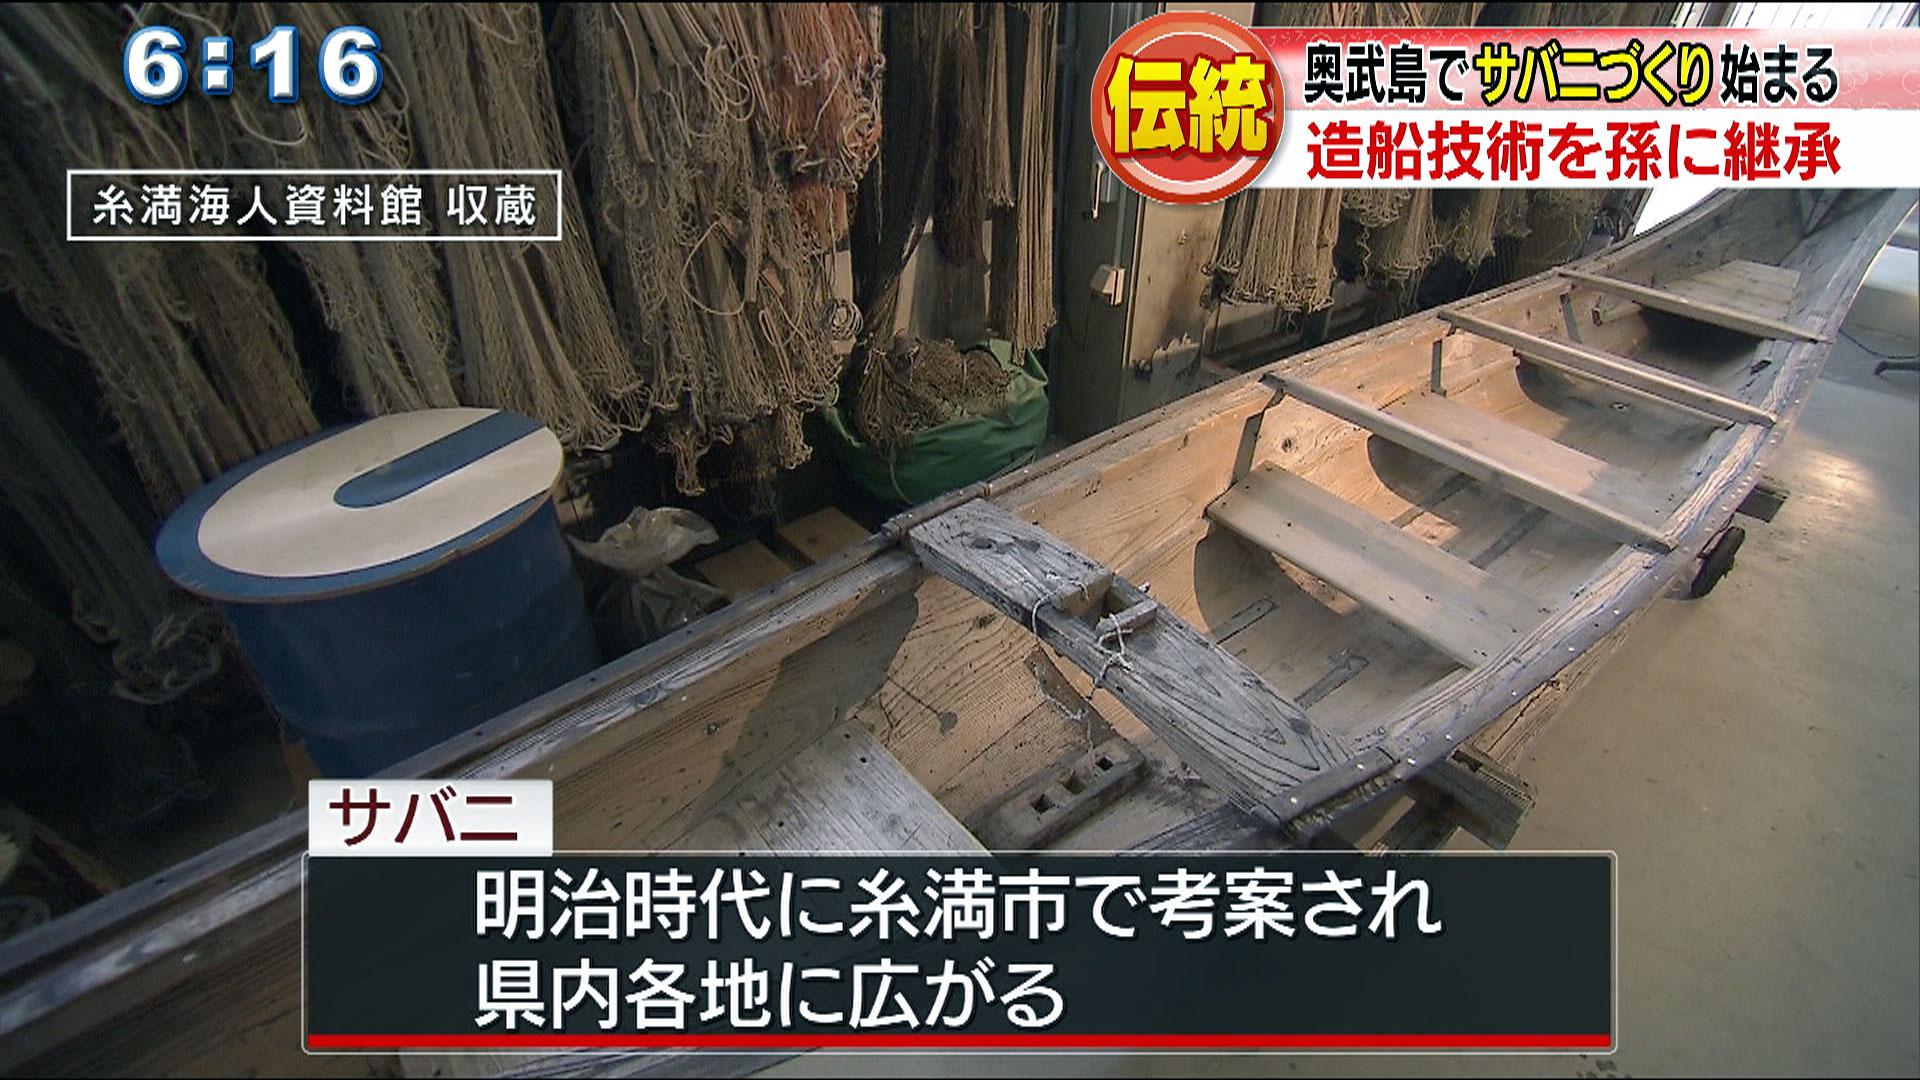 奥武島でサバニ建造はじまる